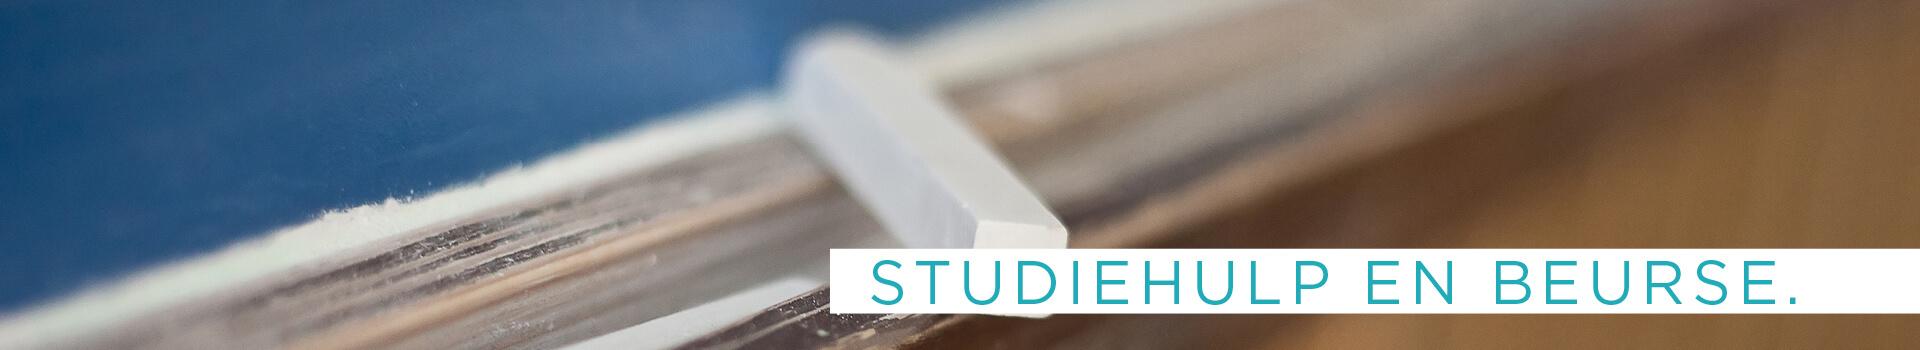 Afrikaans.com Studiehulp en beurse